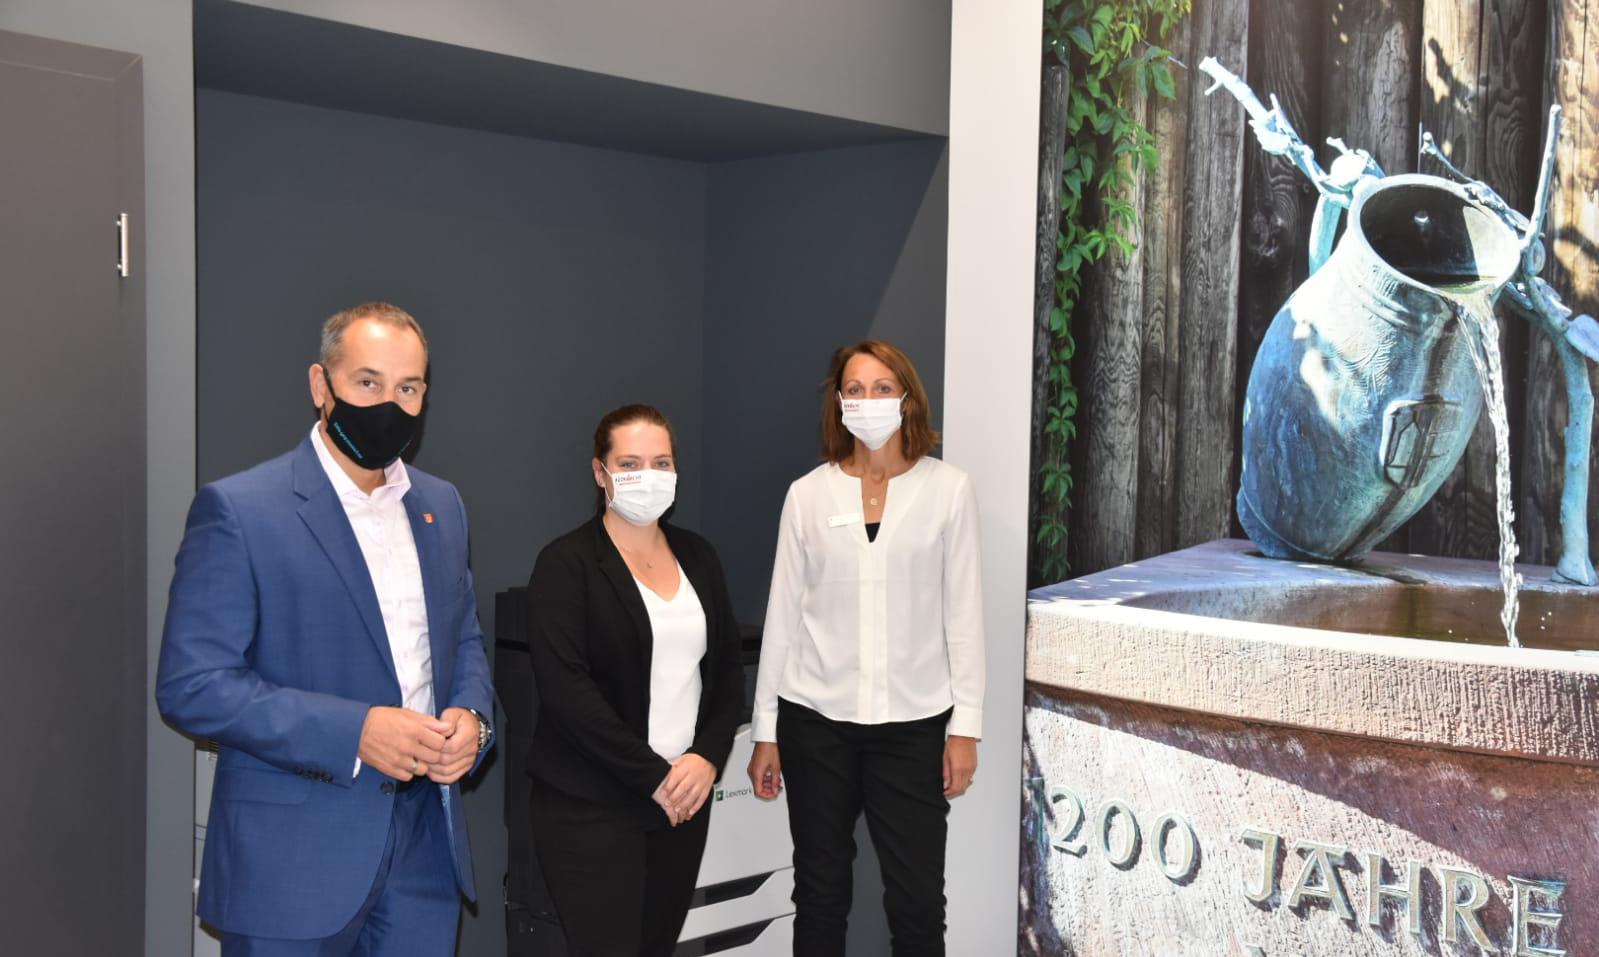 Bürgermeister Adnan Shaikh, Mareike Stroh und Jutta Kreisel im neuen FinanzPunkt.